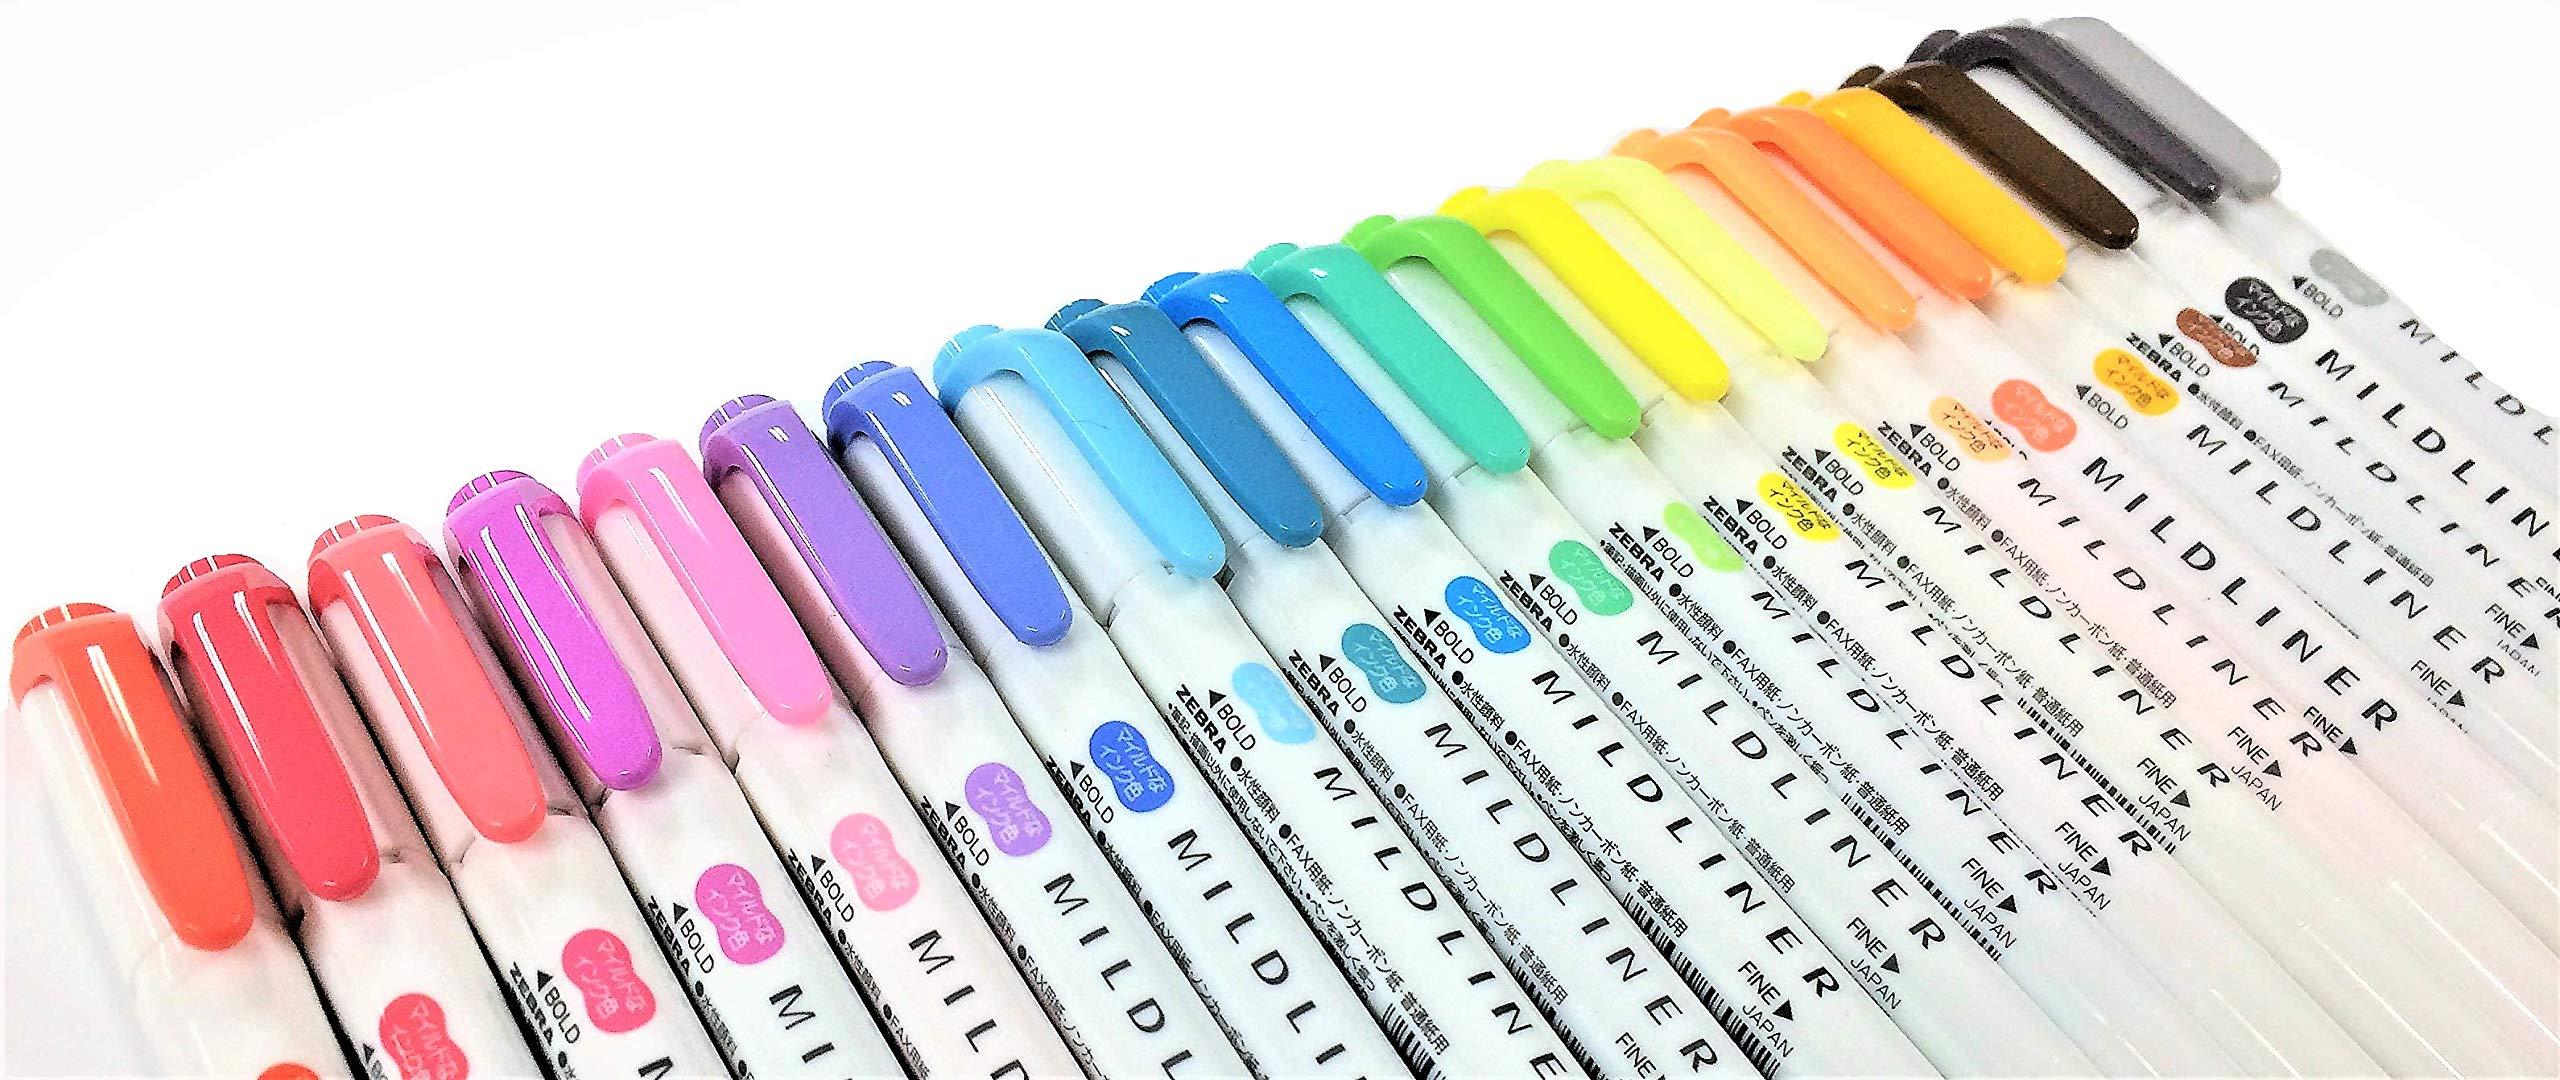 Zebra Mildliner Soft Color Double-Sided Highlighter Pens 20 Color Set(Standard 15 Color + New Warm 5 Color) with Original Vinyl Pen Case by I&O Japan (Image #3)